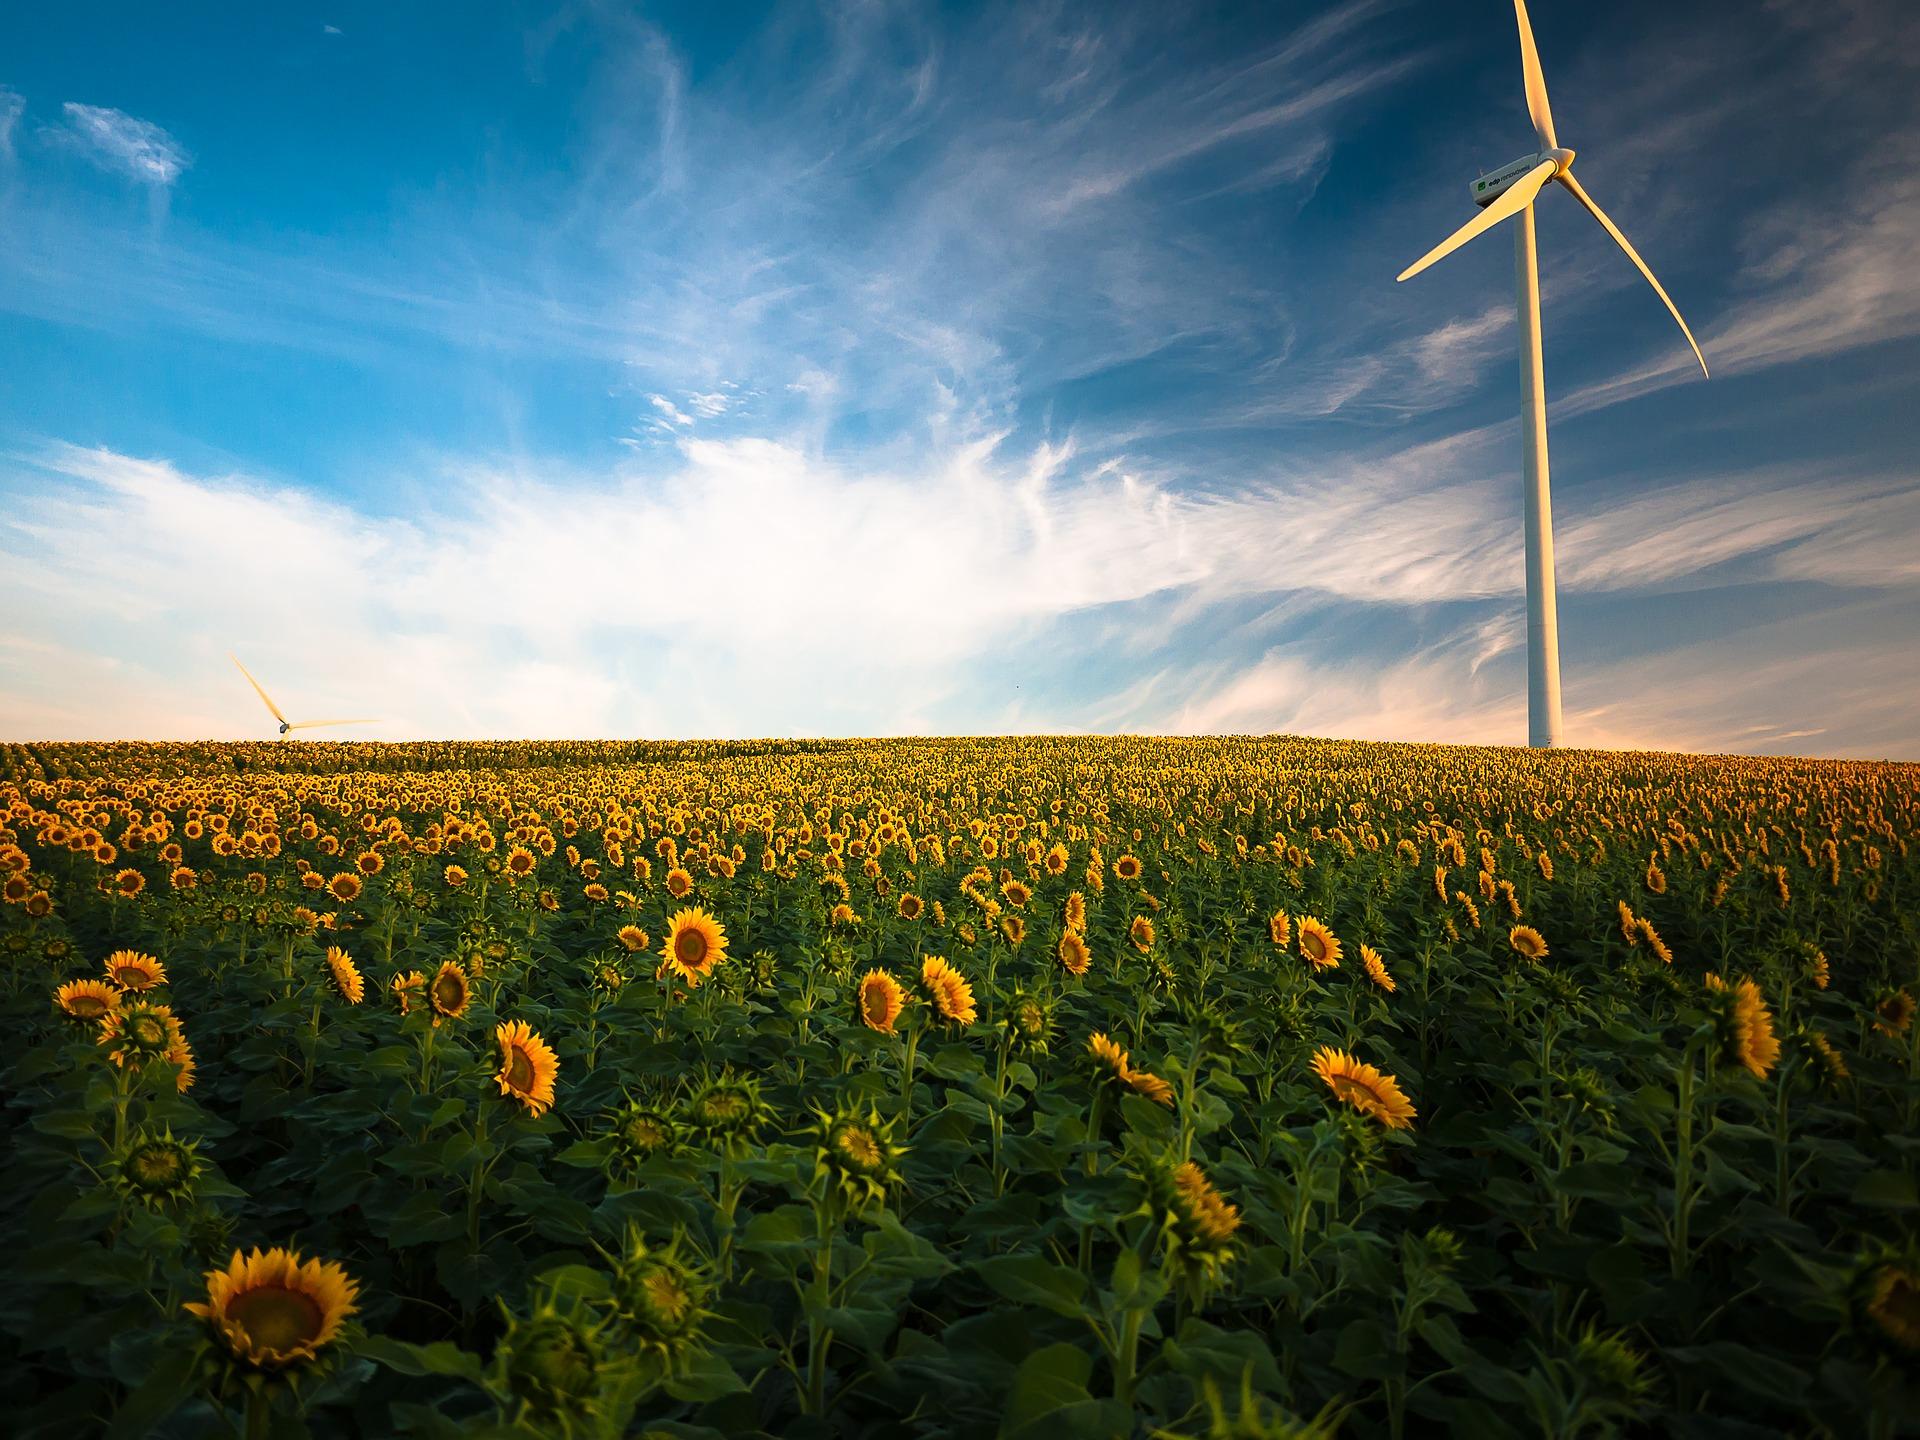 La minorité des impacts environnementaux de l'énergie renouvelable